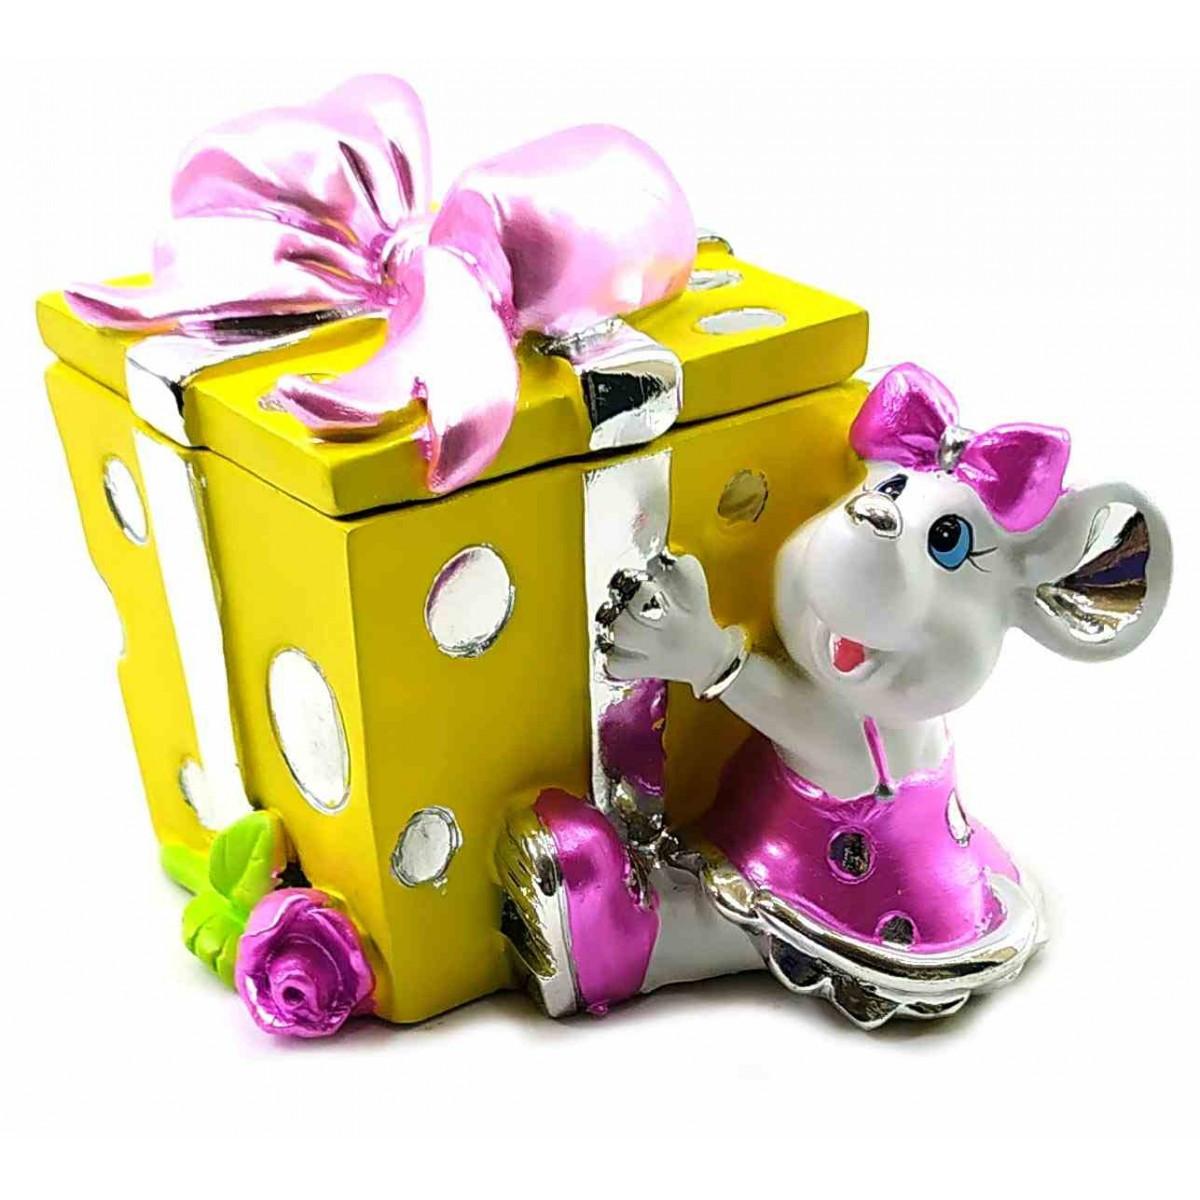 Шкатулка с крышкой в виде Подарка с мышкой